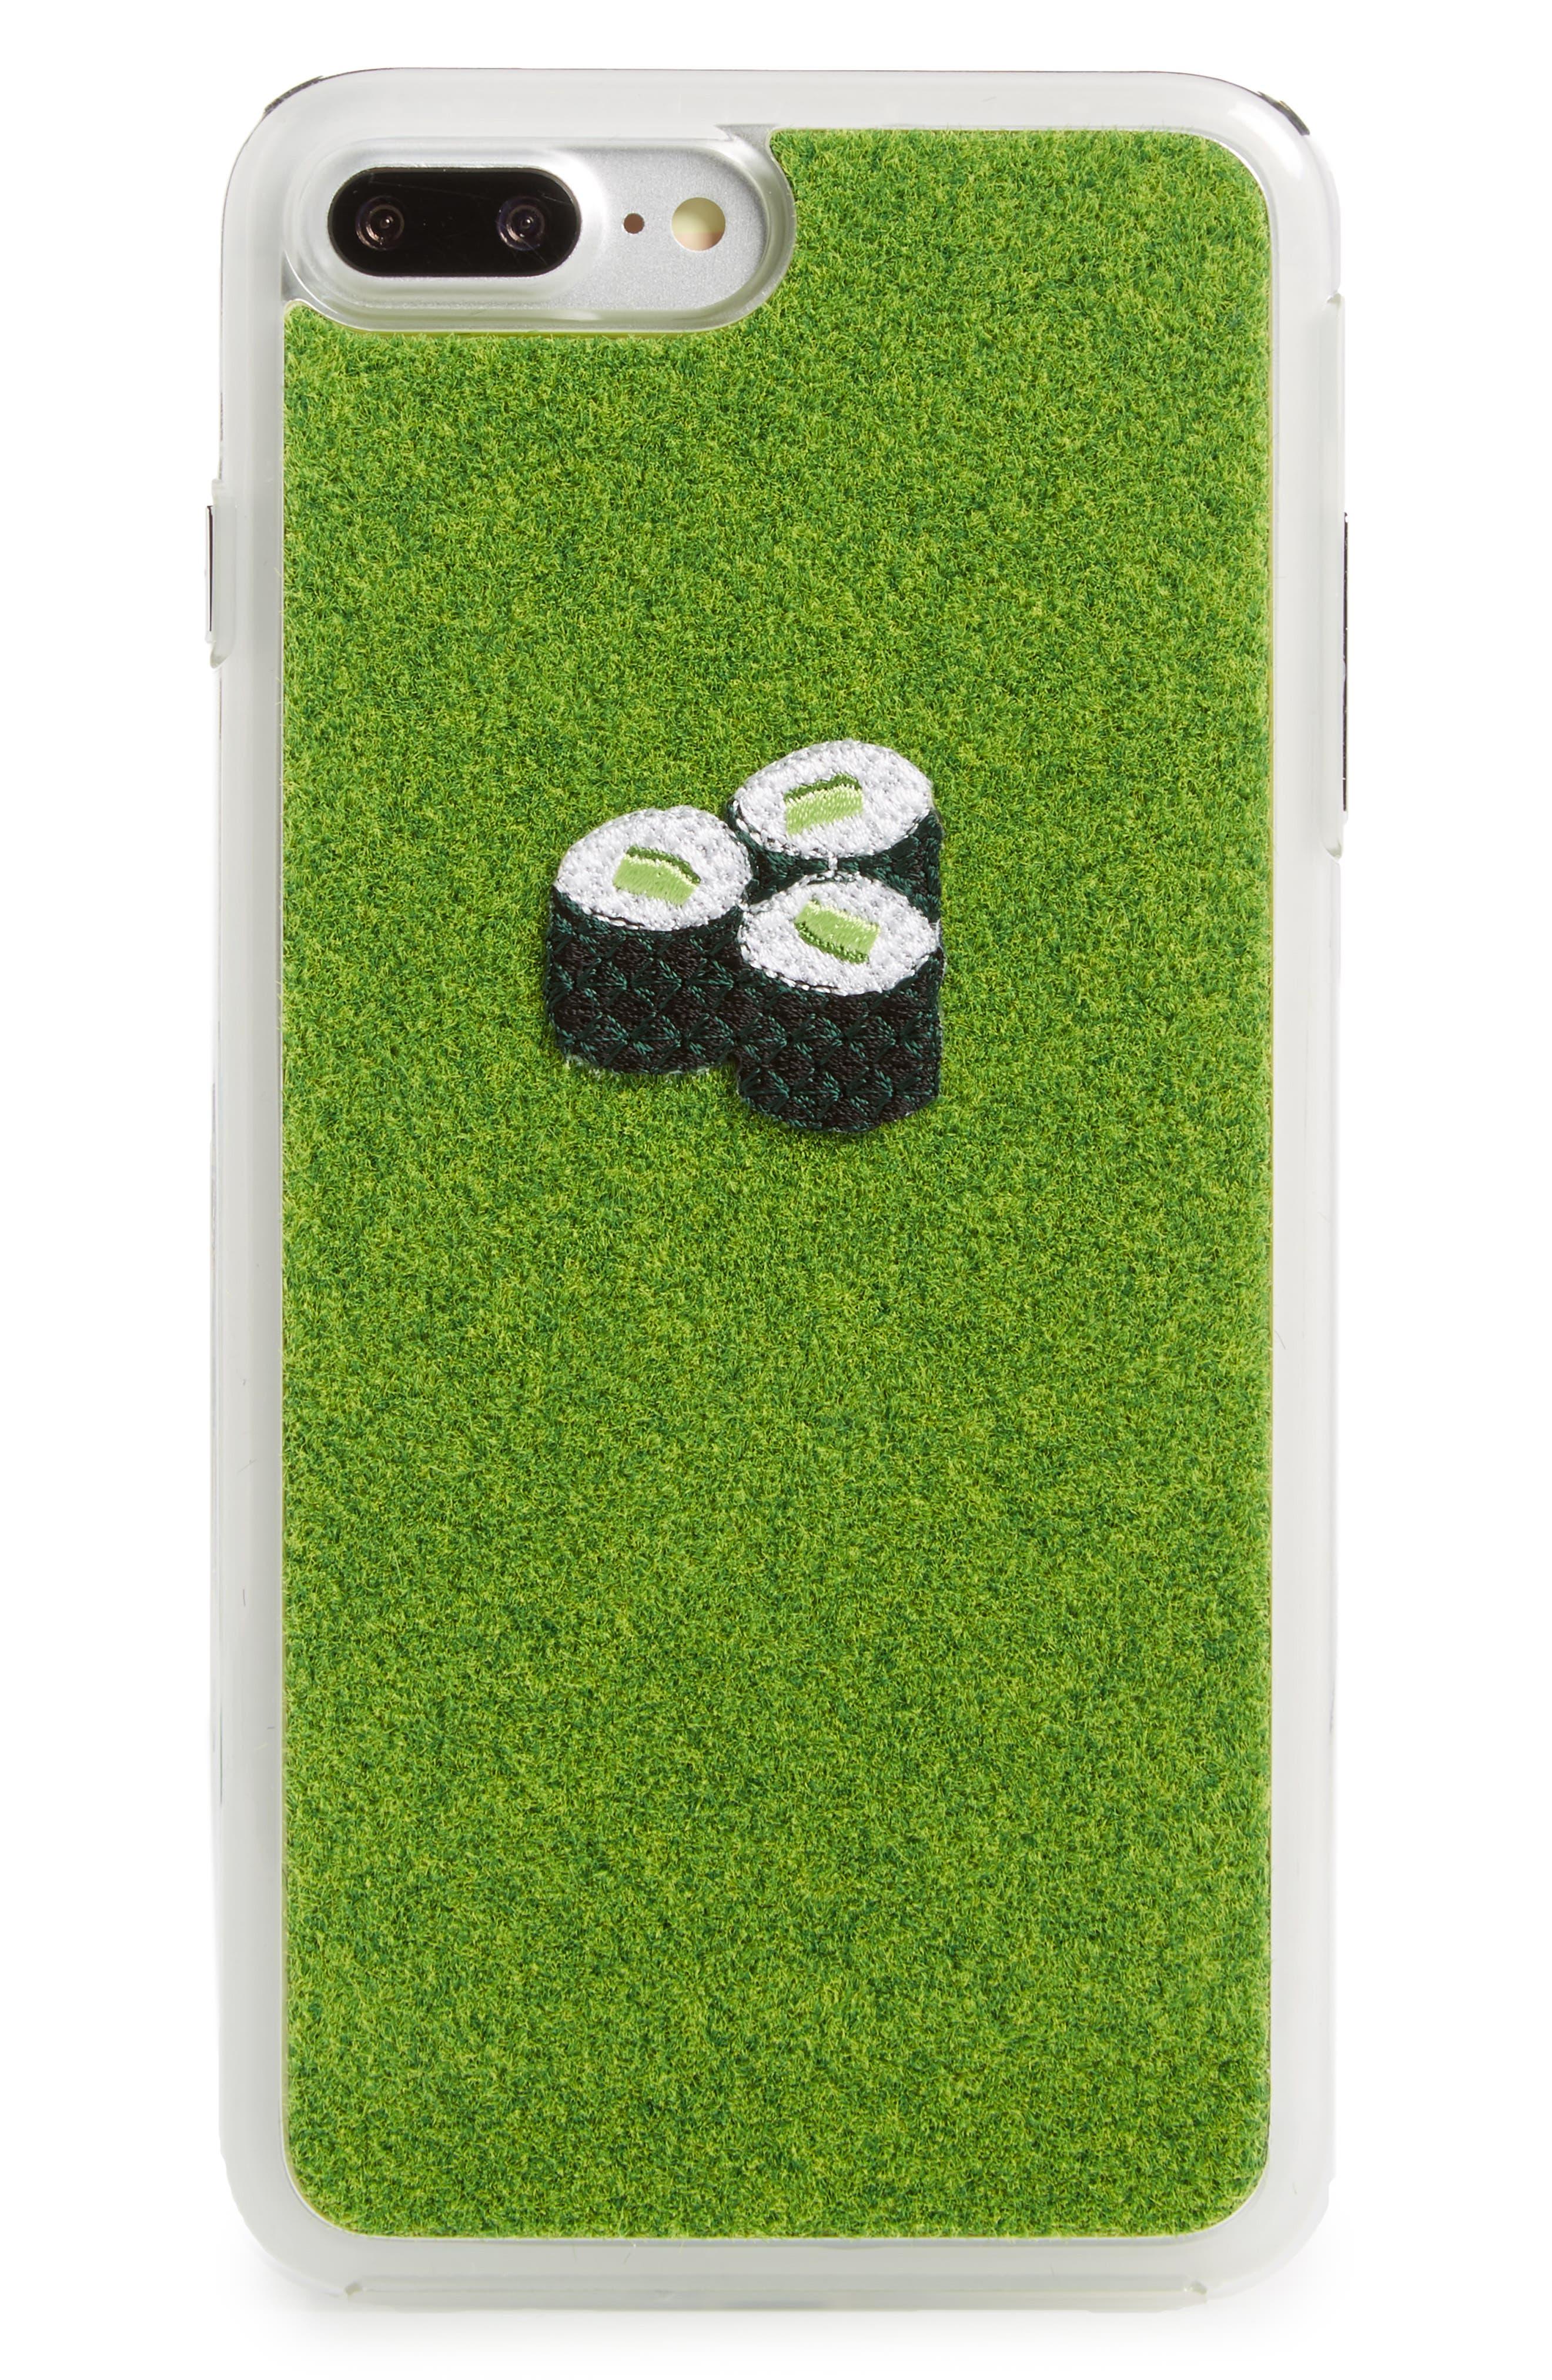 Shibaful Sushi Kappa iPhone 7/8 & 7/8 Plus Case